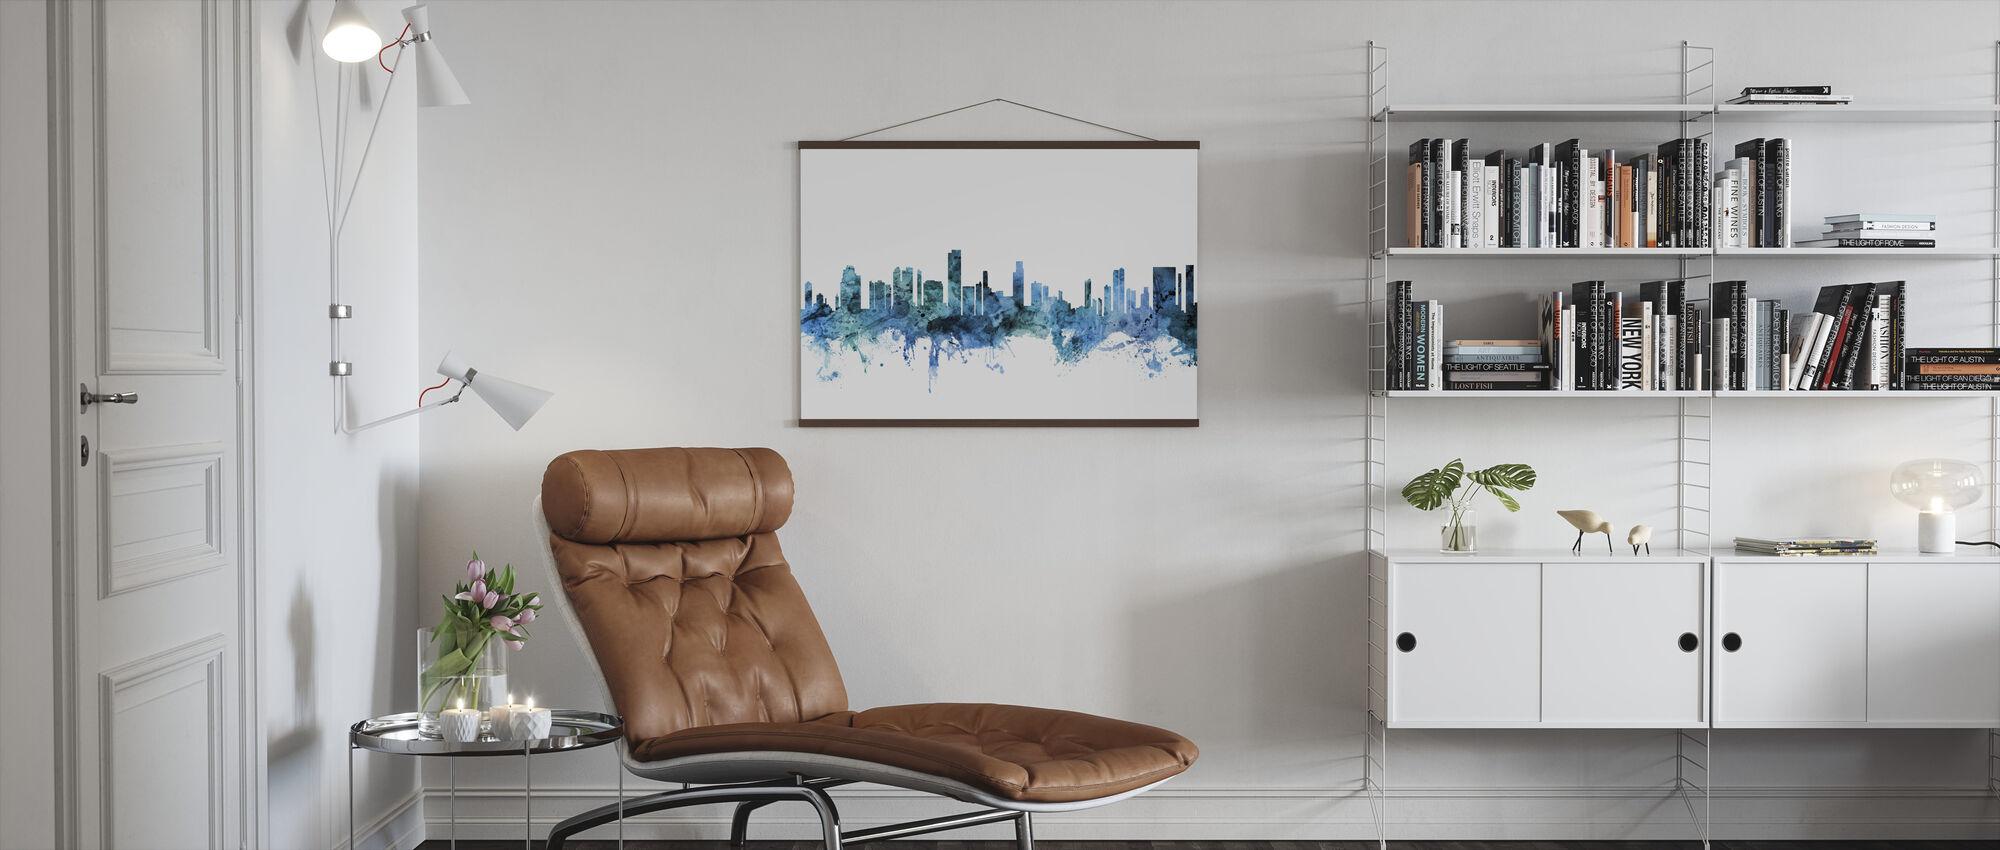 Honolulu Hawaii Skyline - Poster - Living Room